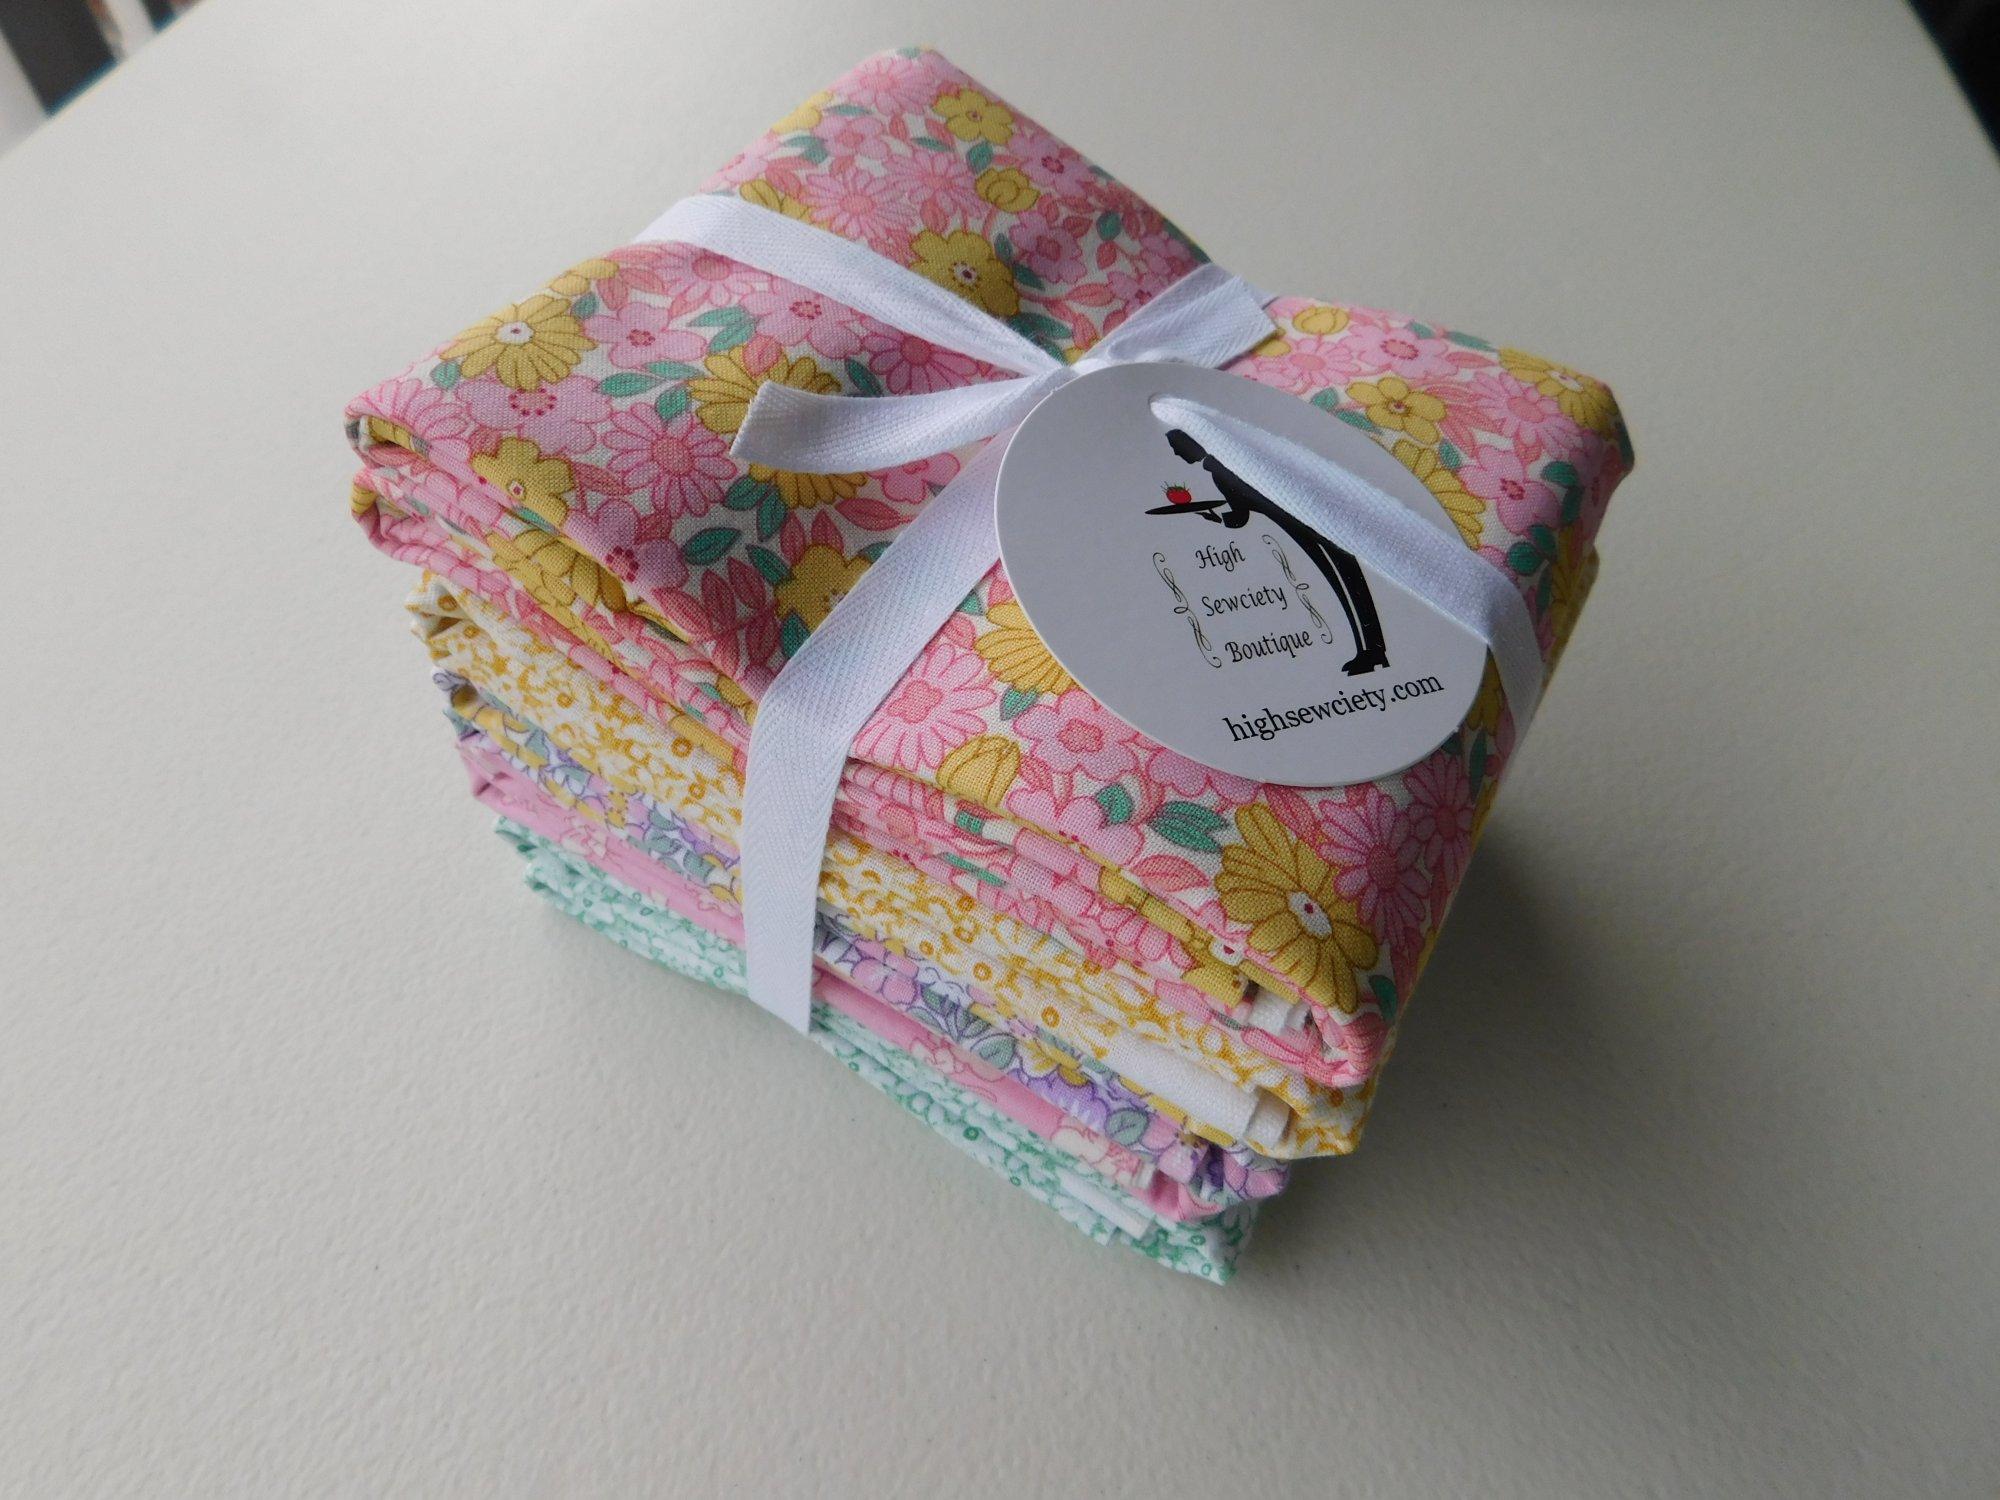 Henry Glass Nana Mae 1 Yard Fabric Bundle - Pink